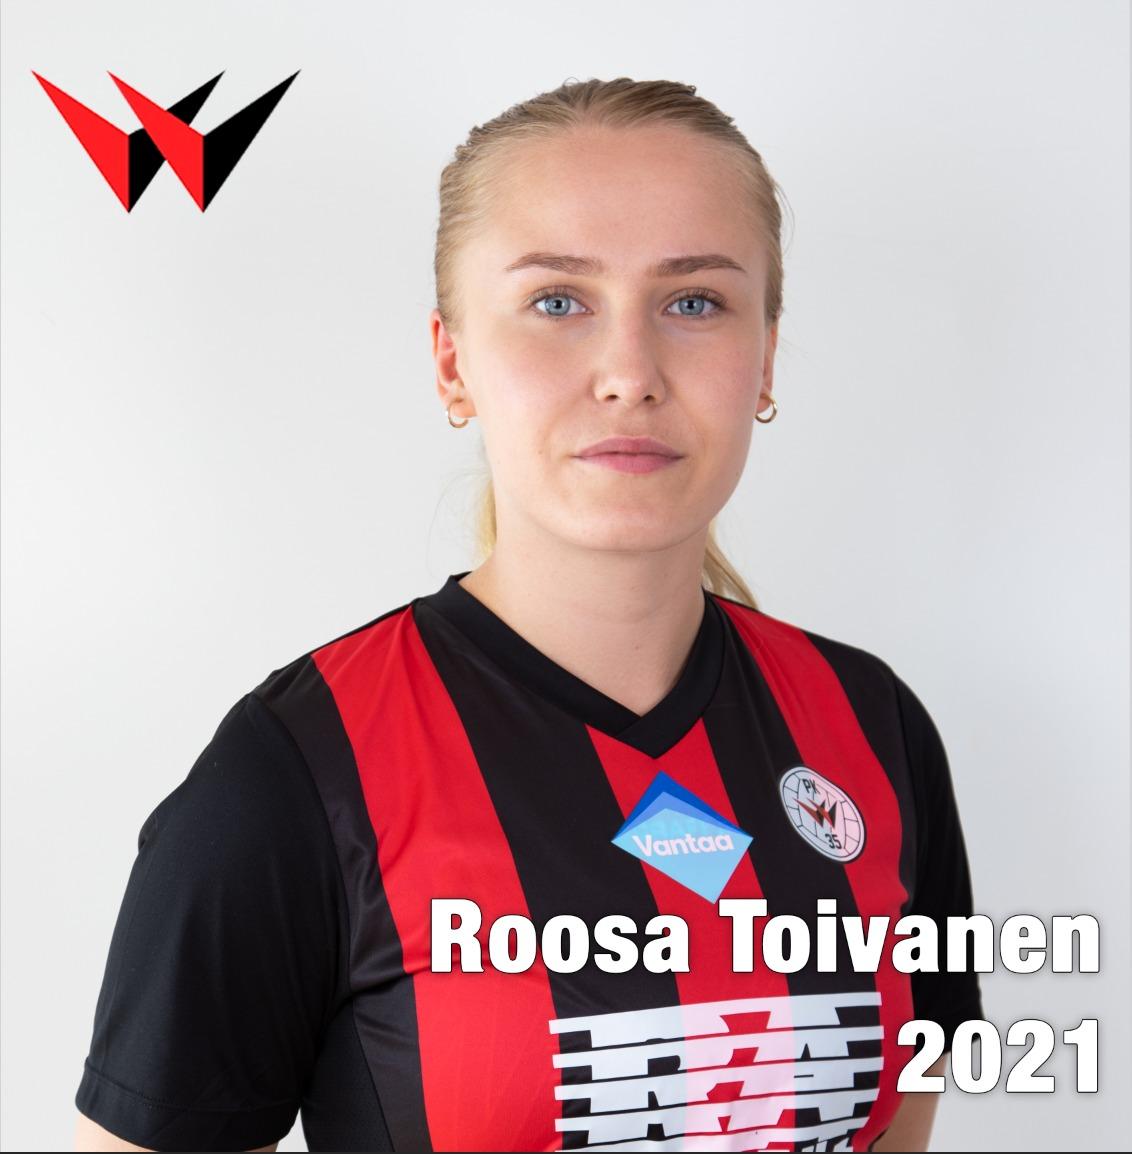 Jatkosopimuskuva 2021, Roosa Toivanen